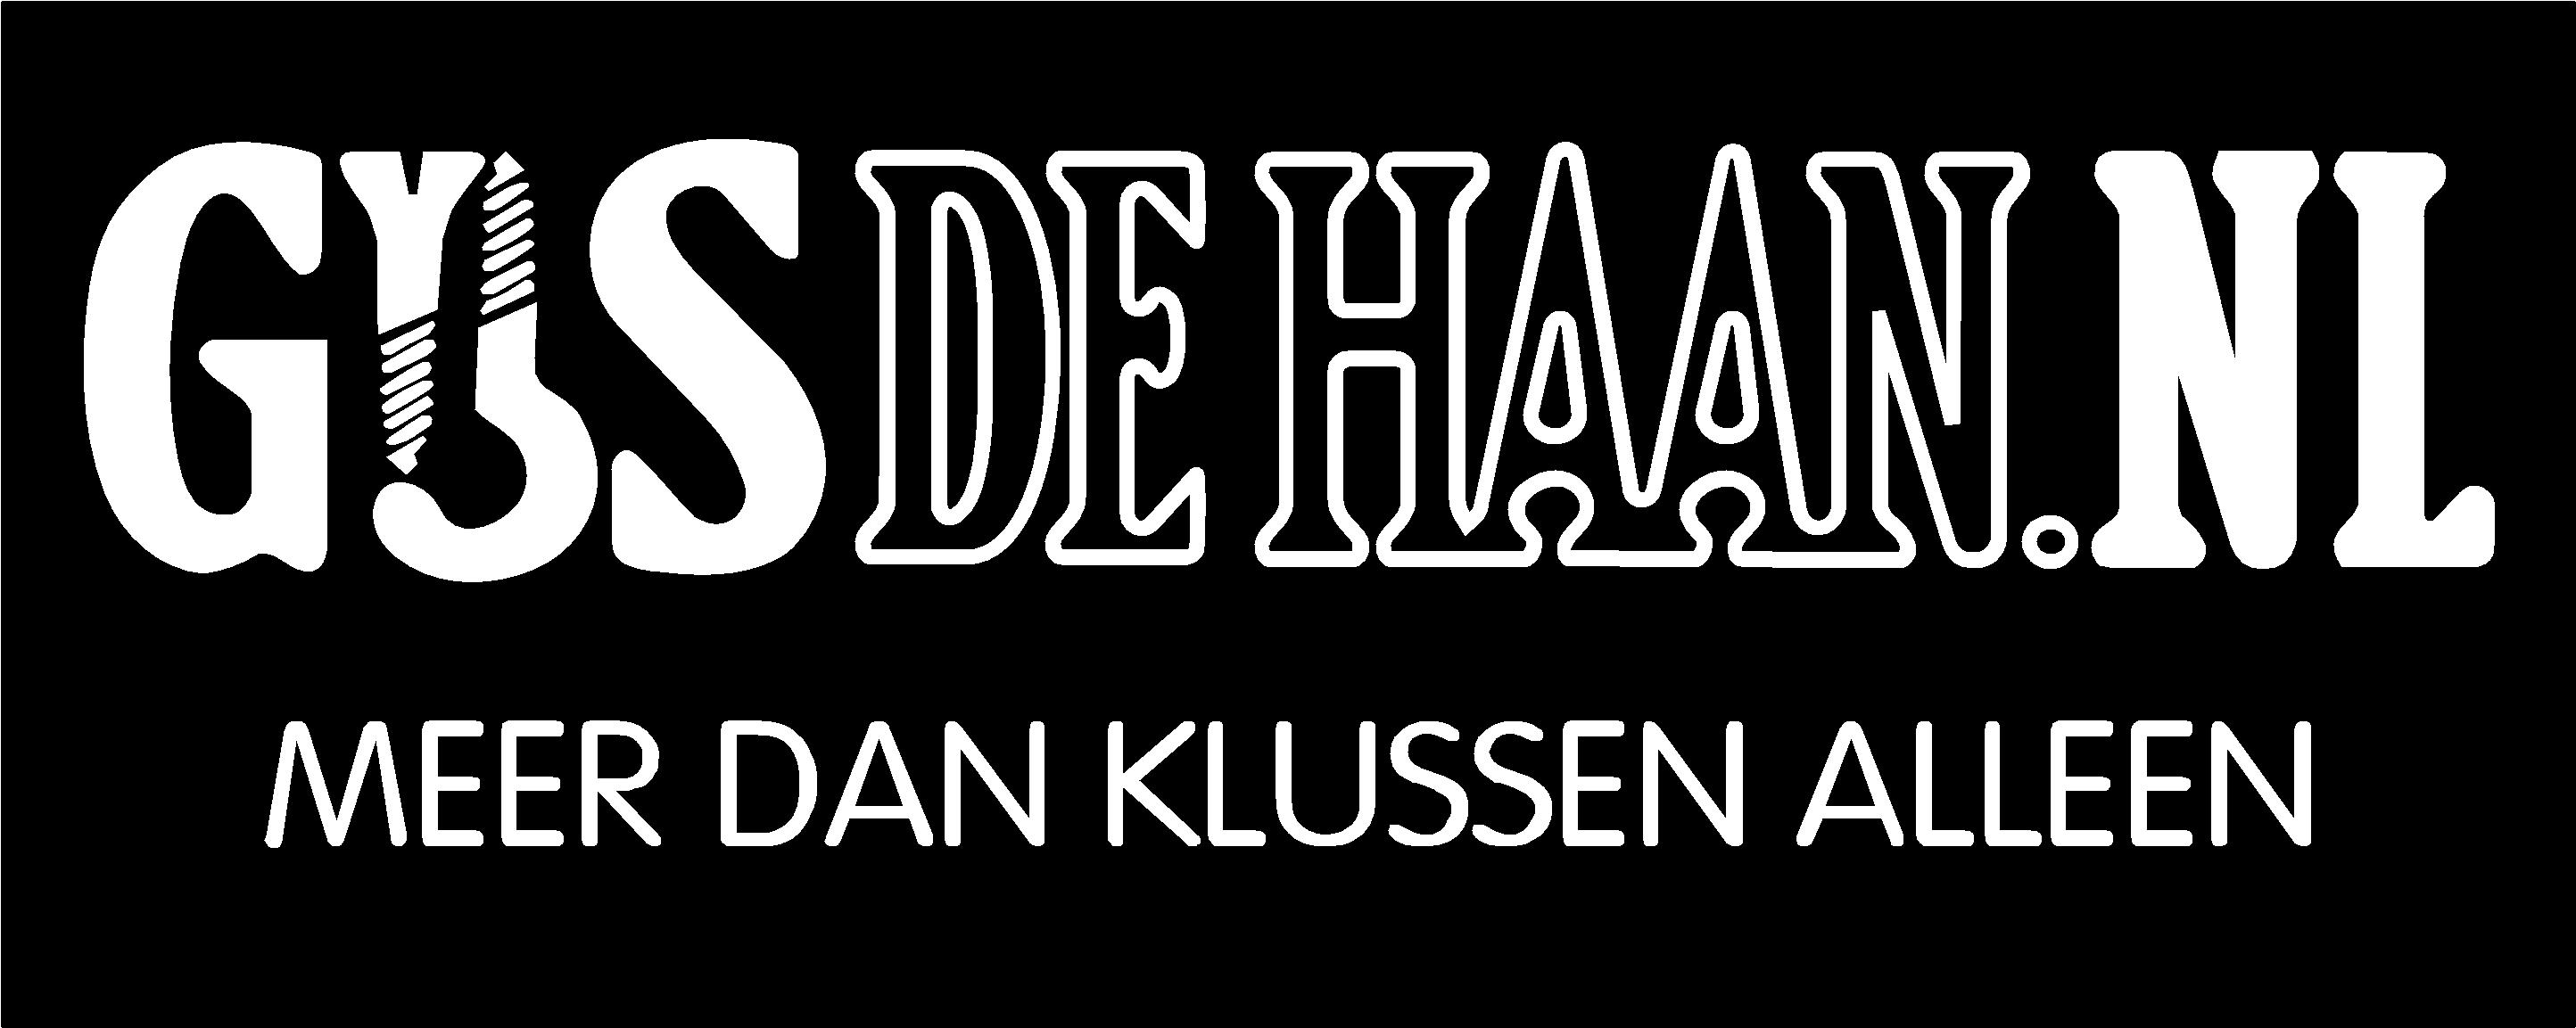 Gijs de Haan